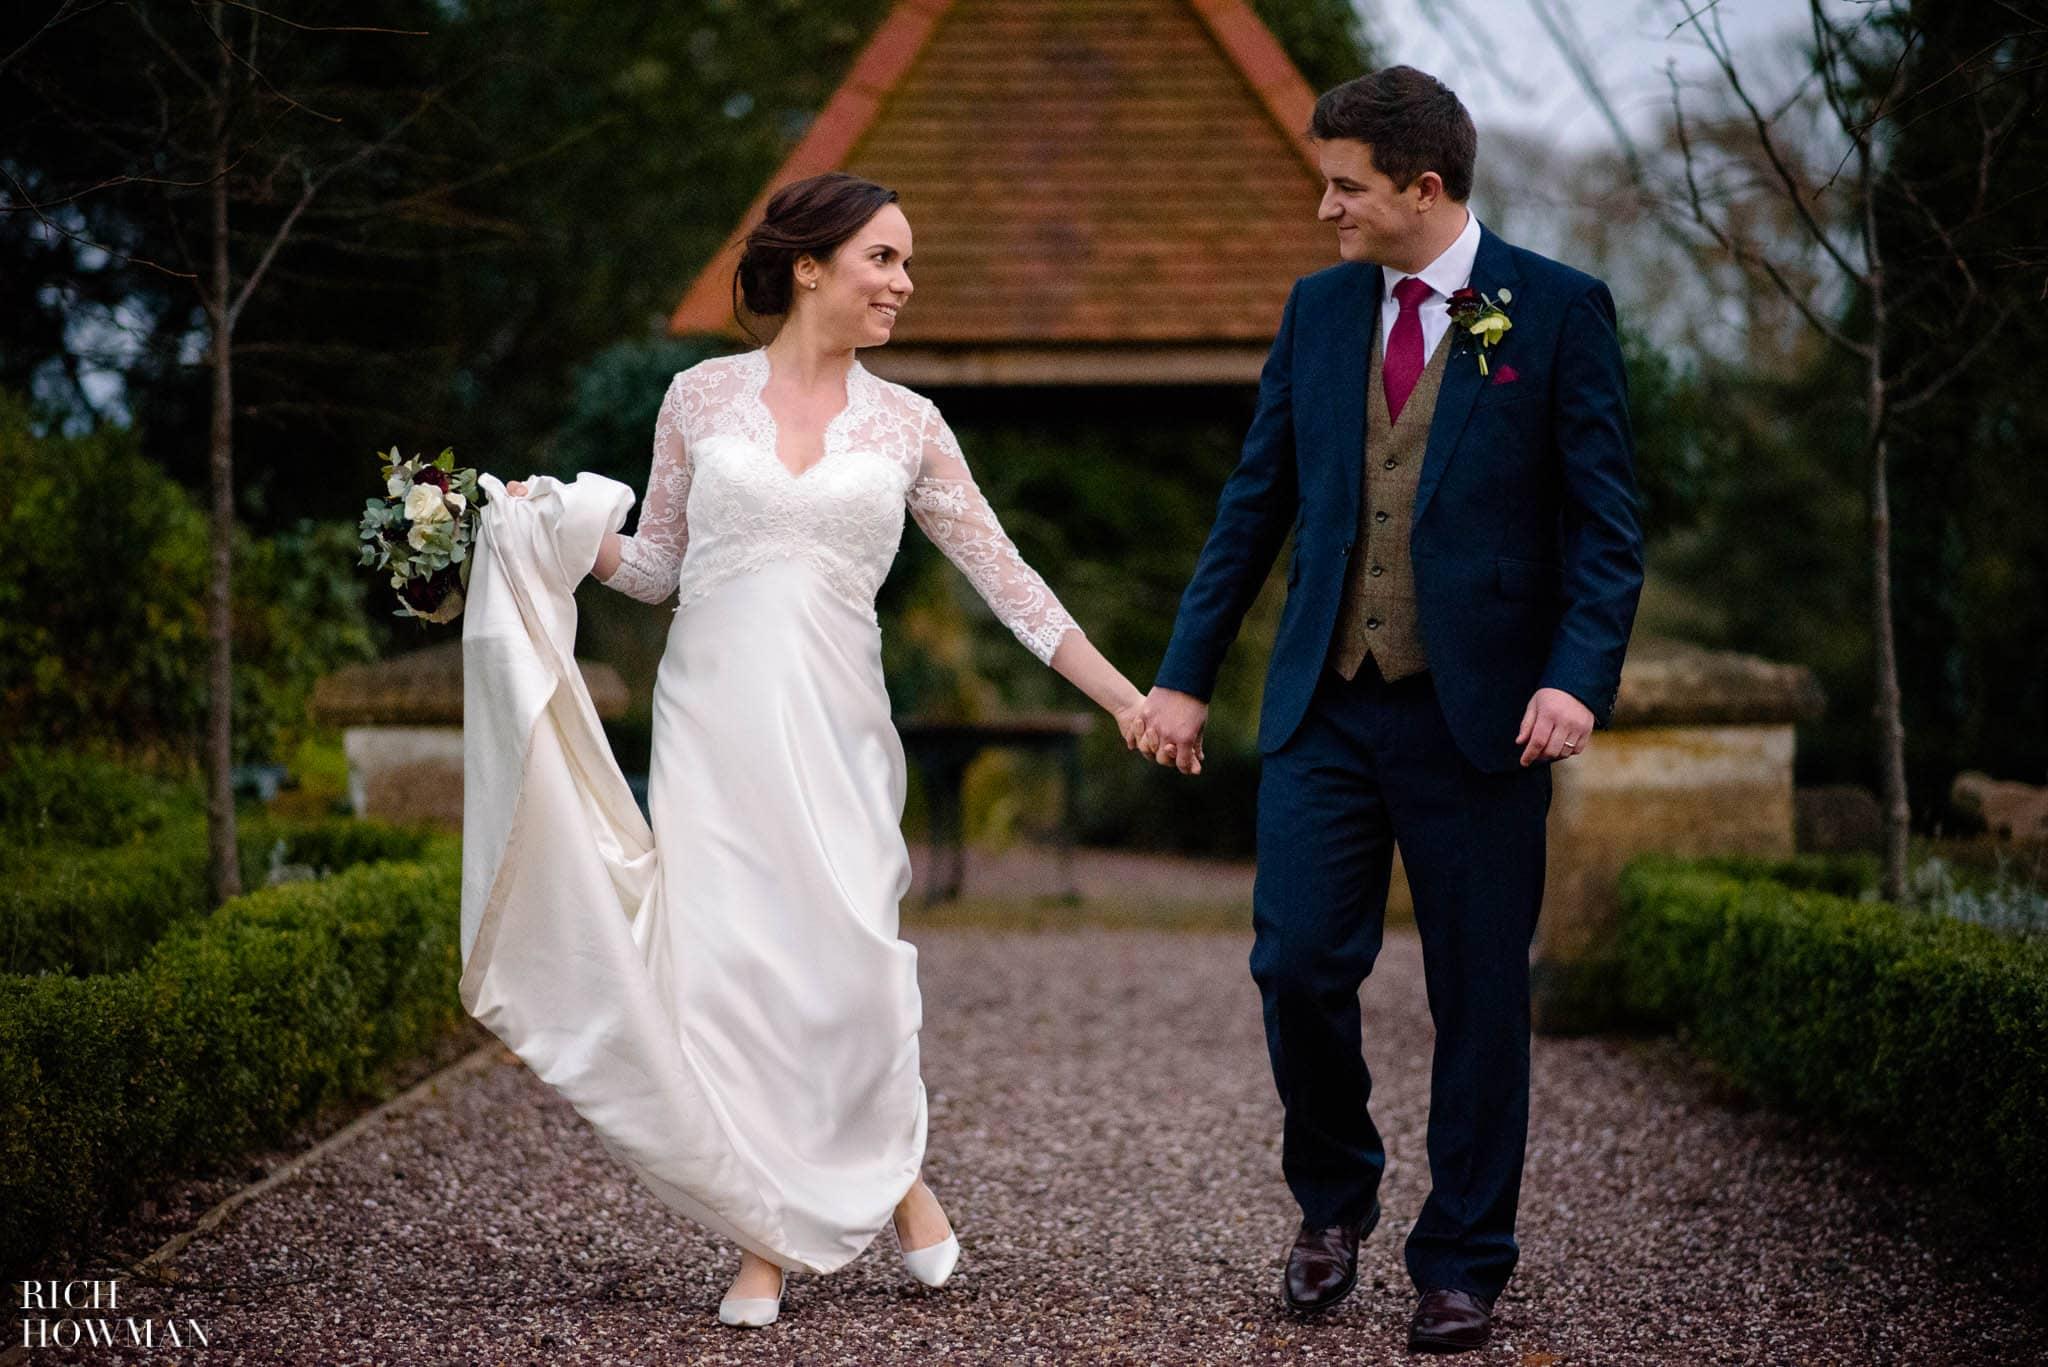 Huntsham Court Wedding Photographer 4